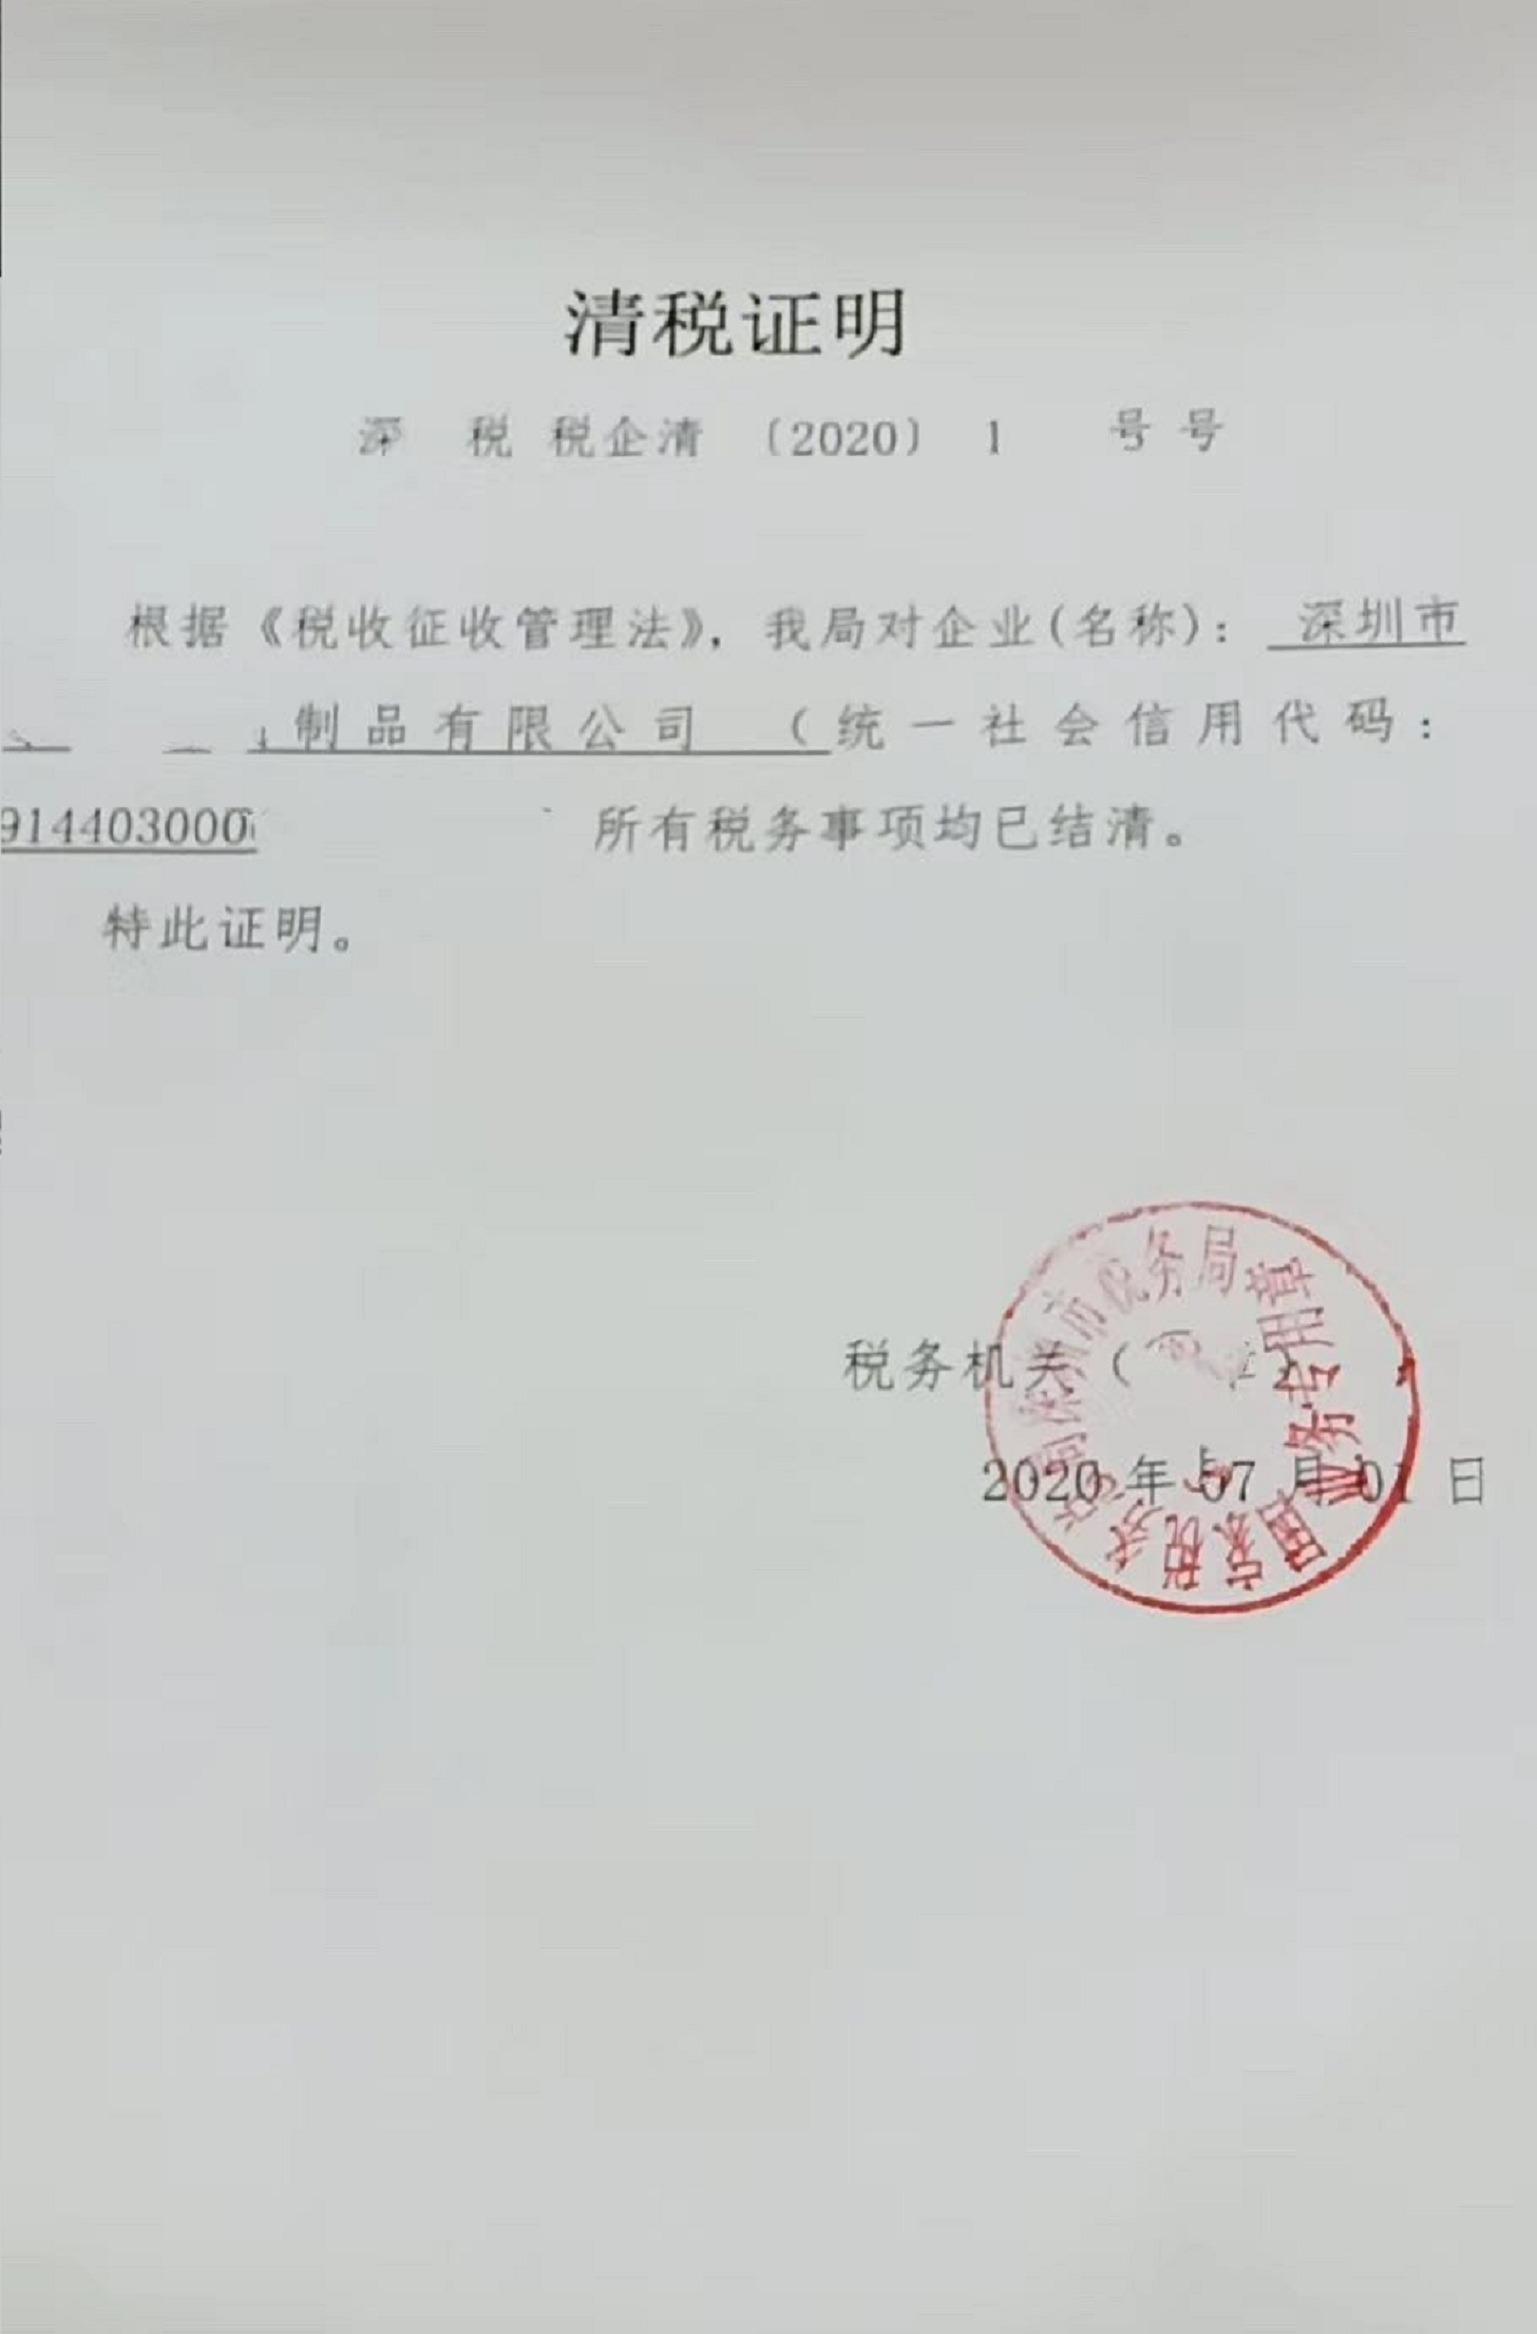 深圳公司疑难税务注销9.jpg